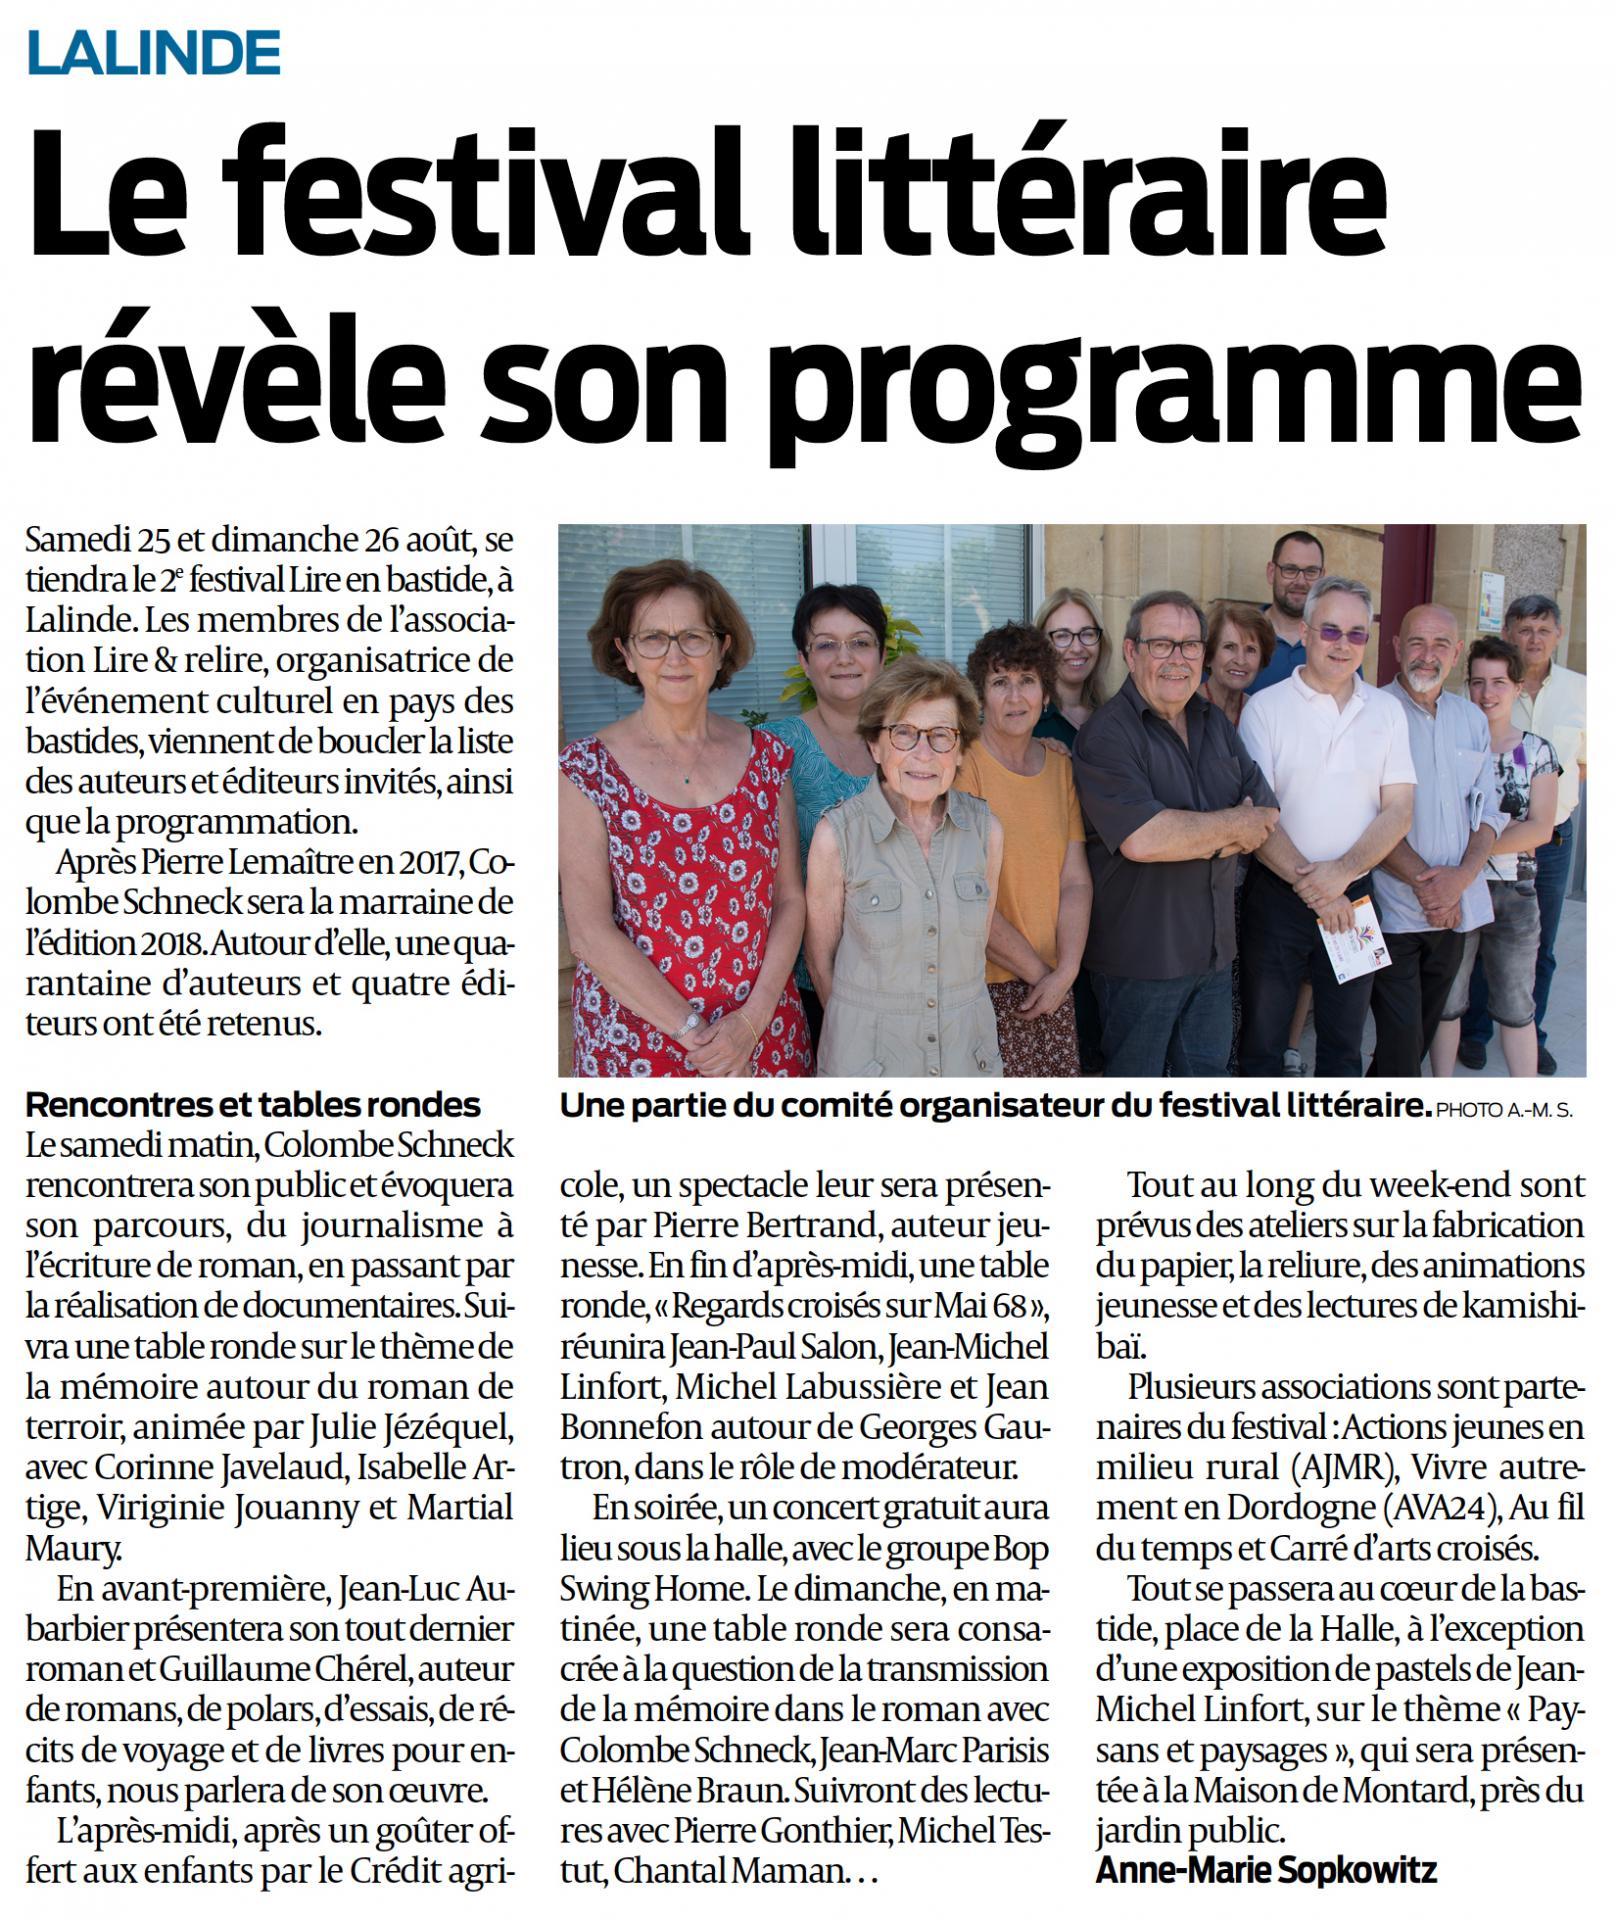 Festival litteraire de lalinde sud ouest 21 07 2018